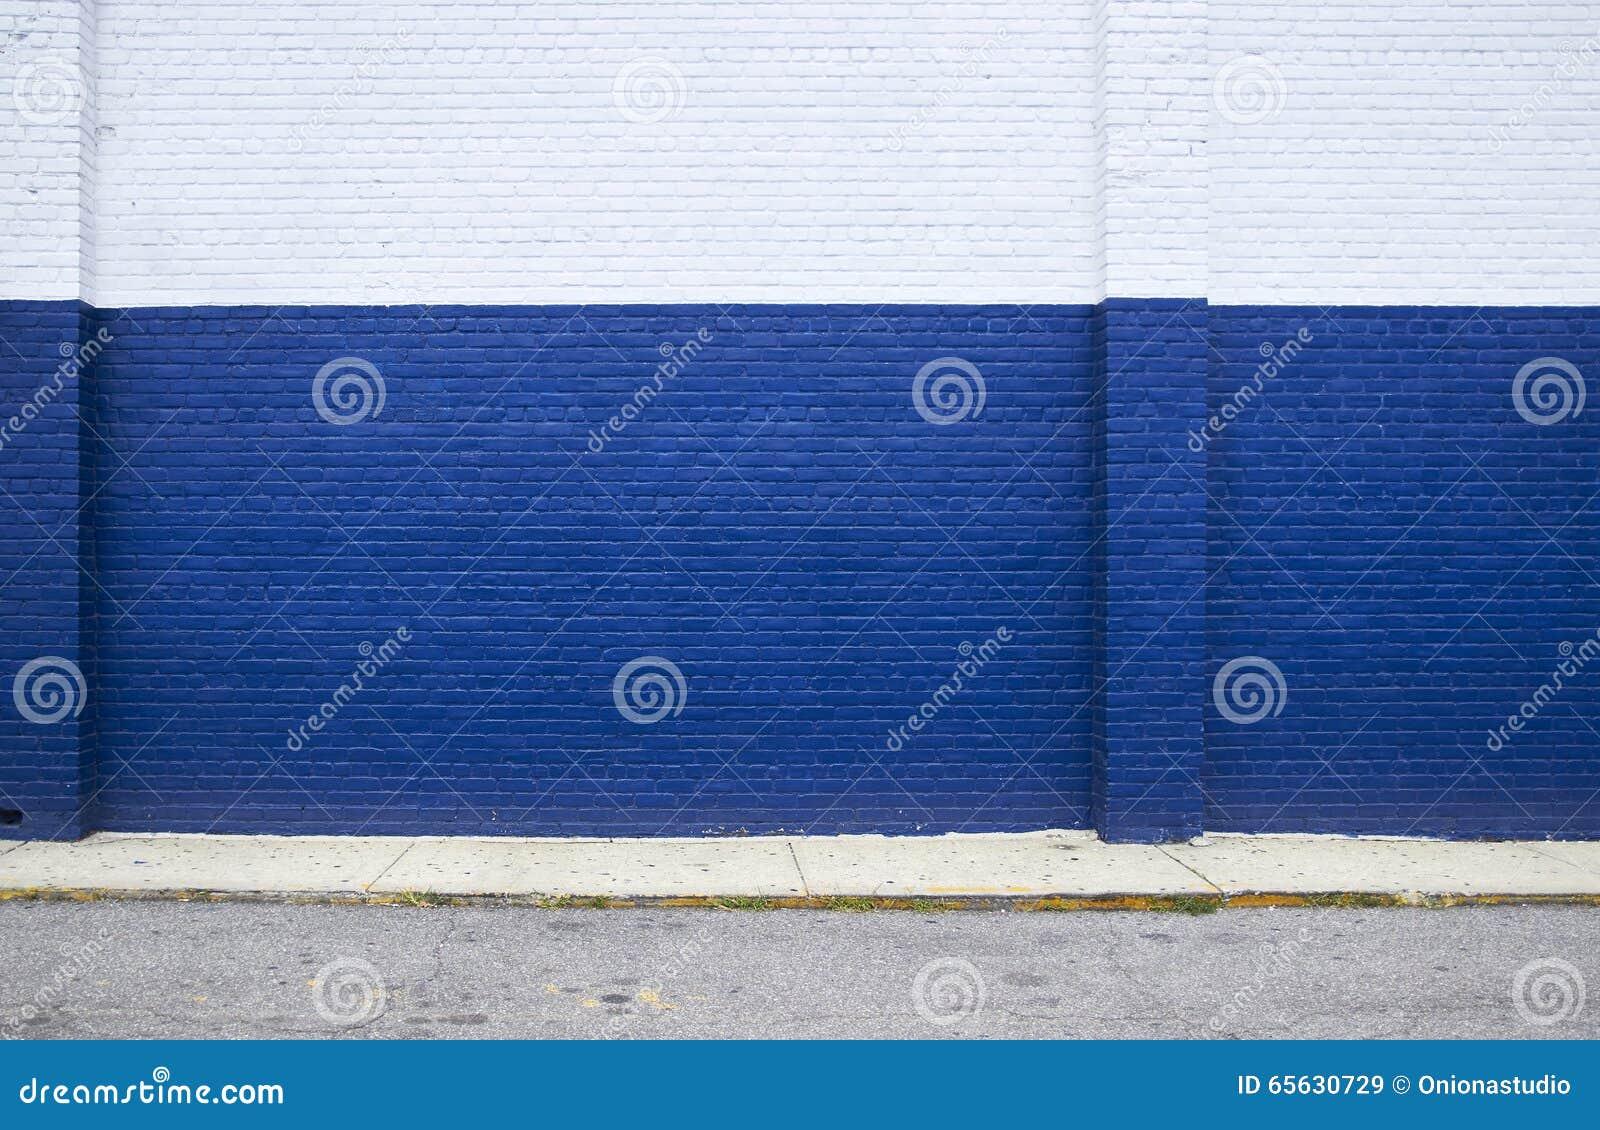 Mur de briques bleu sur la rue